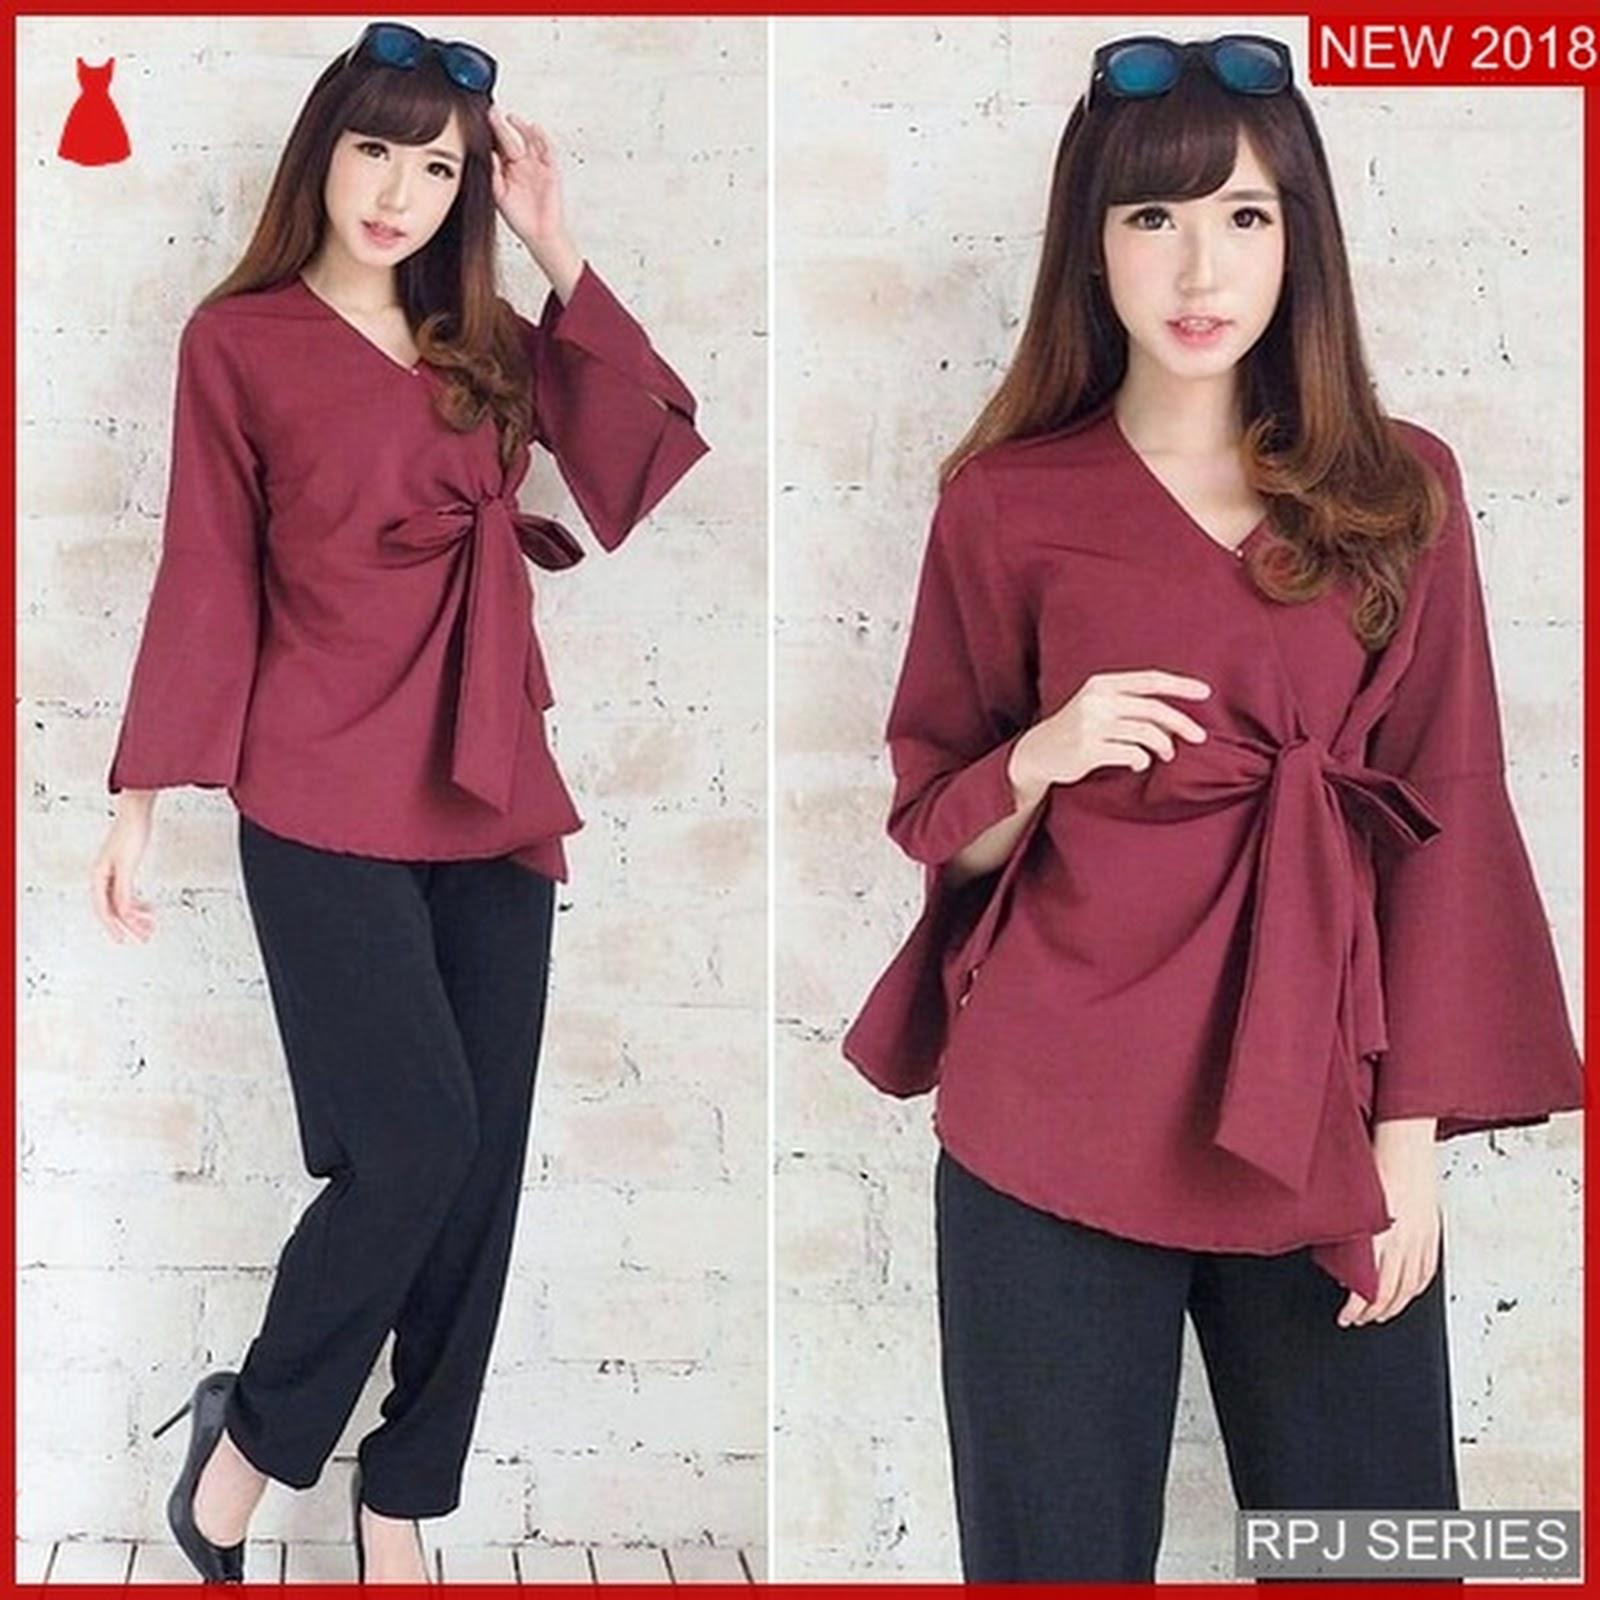 RPJ236A147 Model Atasan Regina Cantik Kimono Wanita 64985eac9a